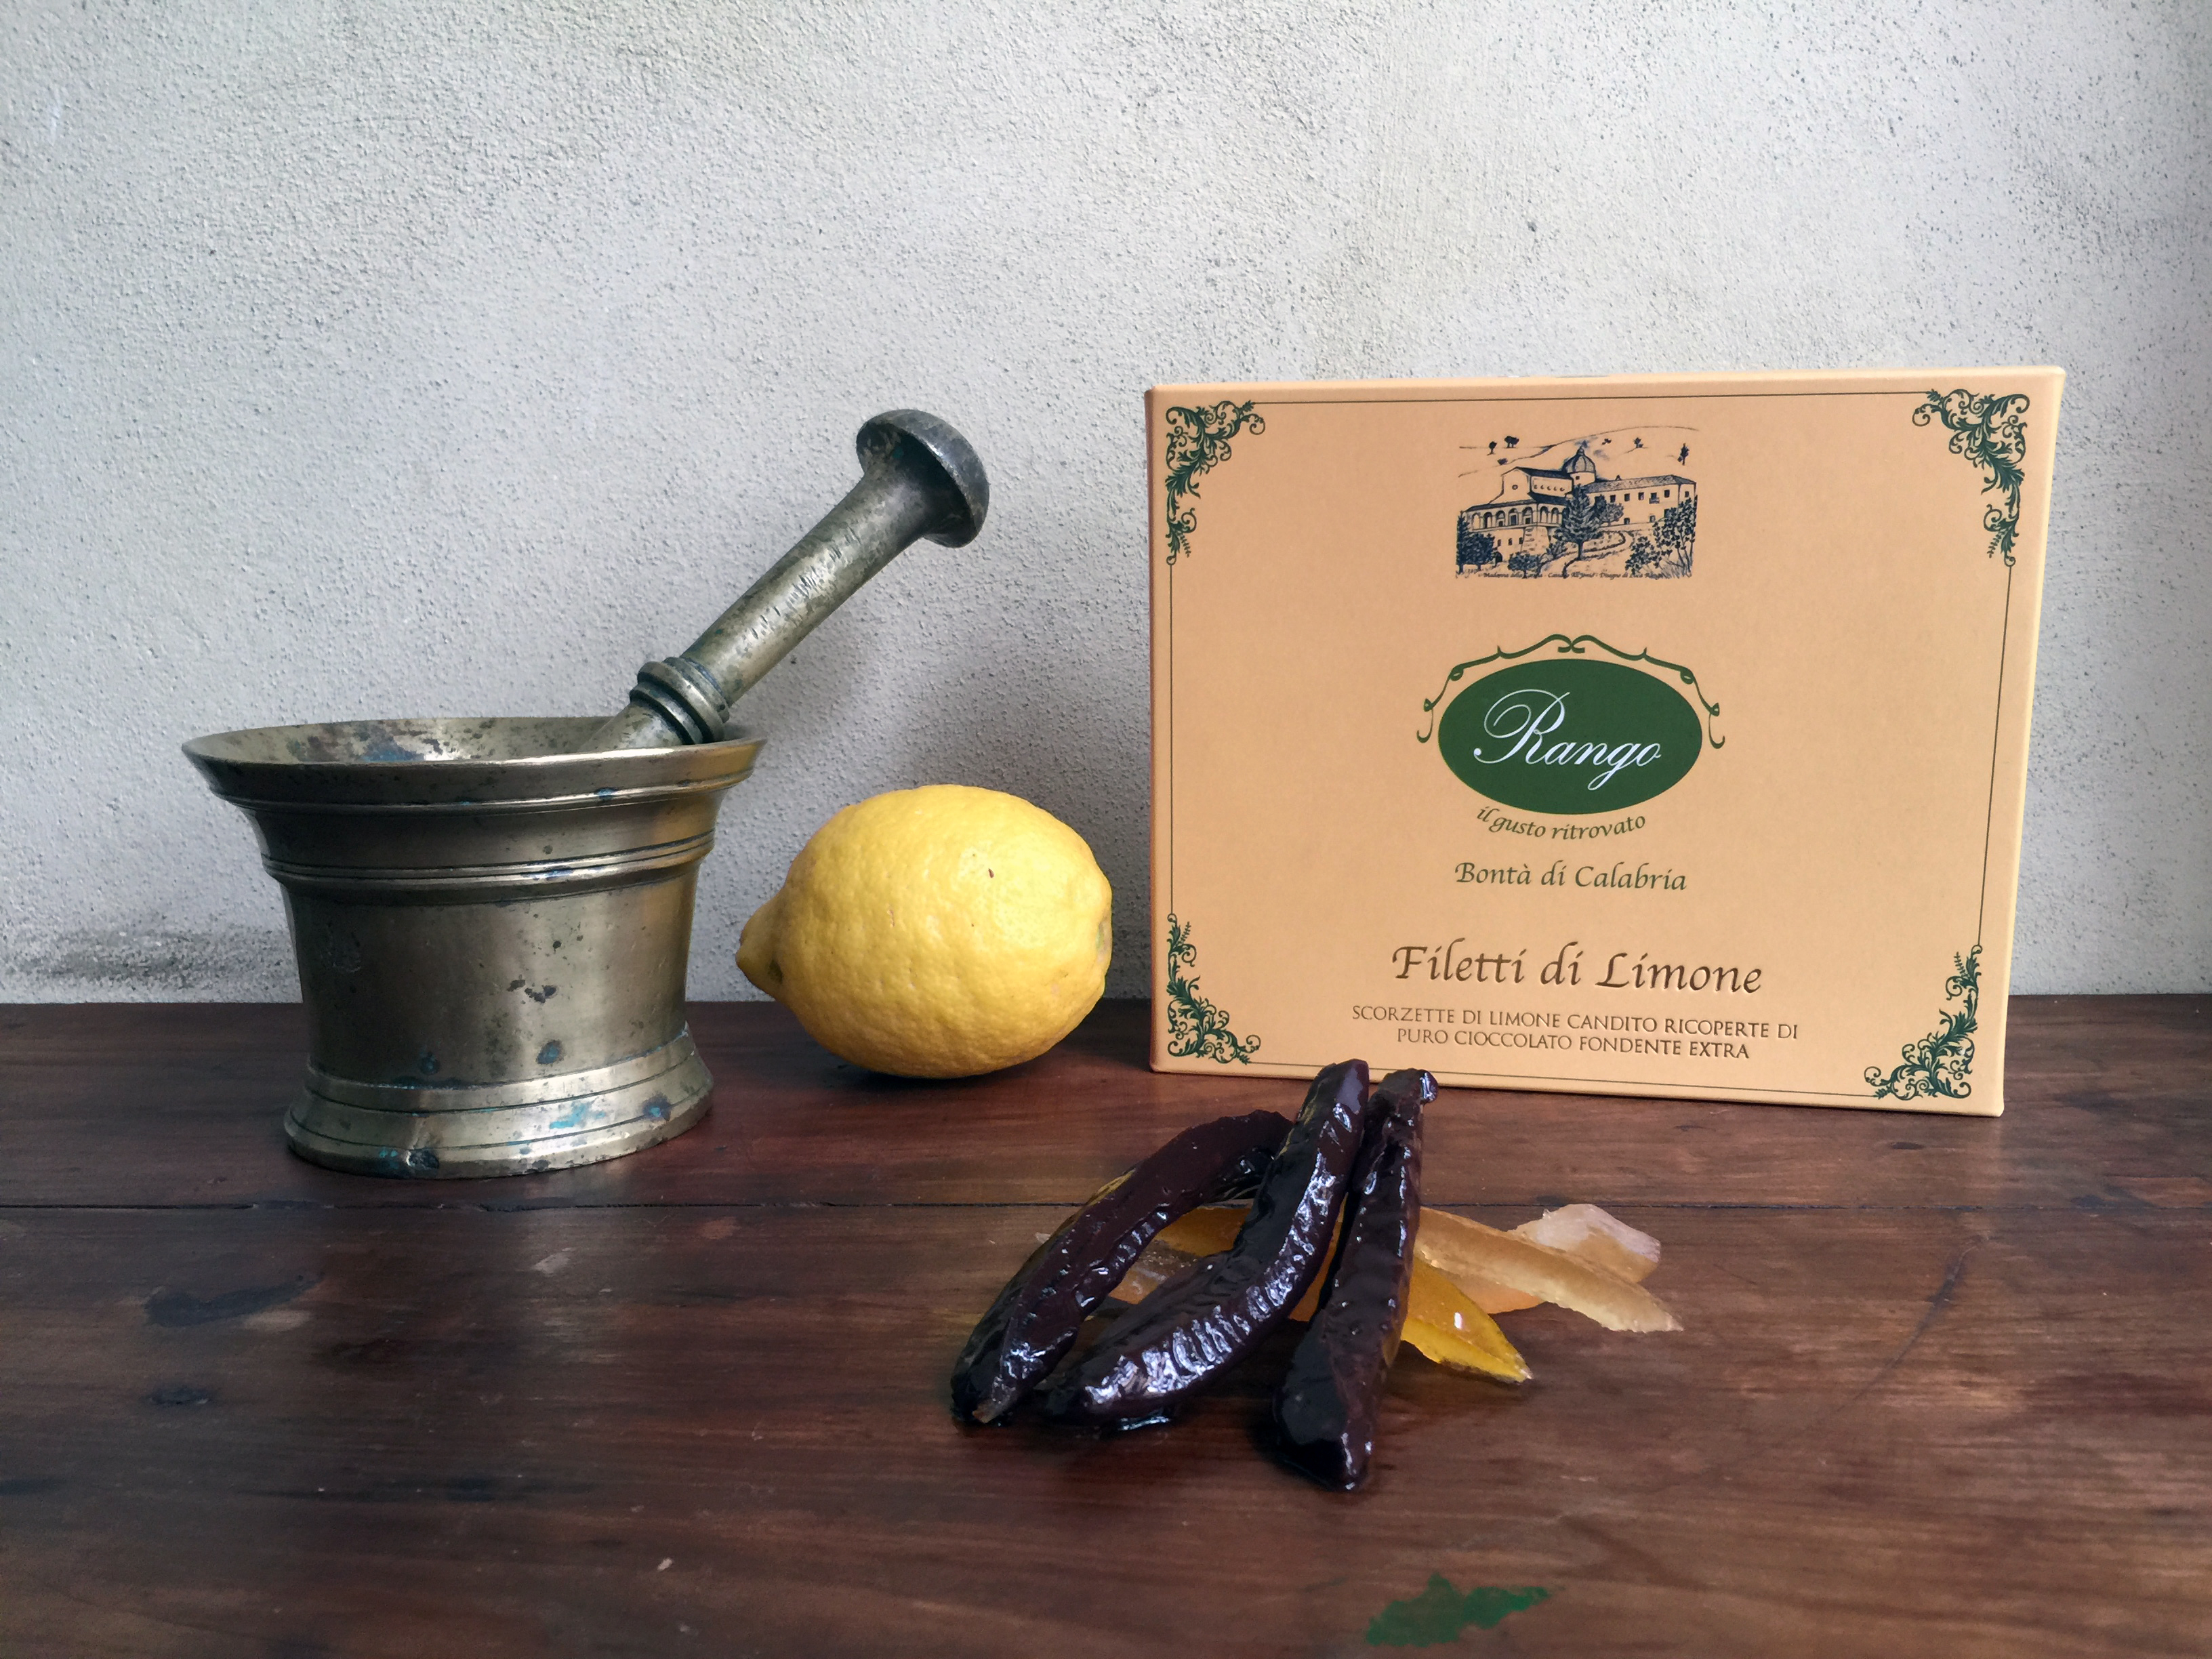 filetti di limone candito ricoperti di cioccolato fondente